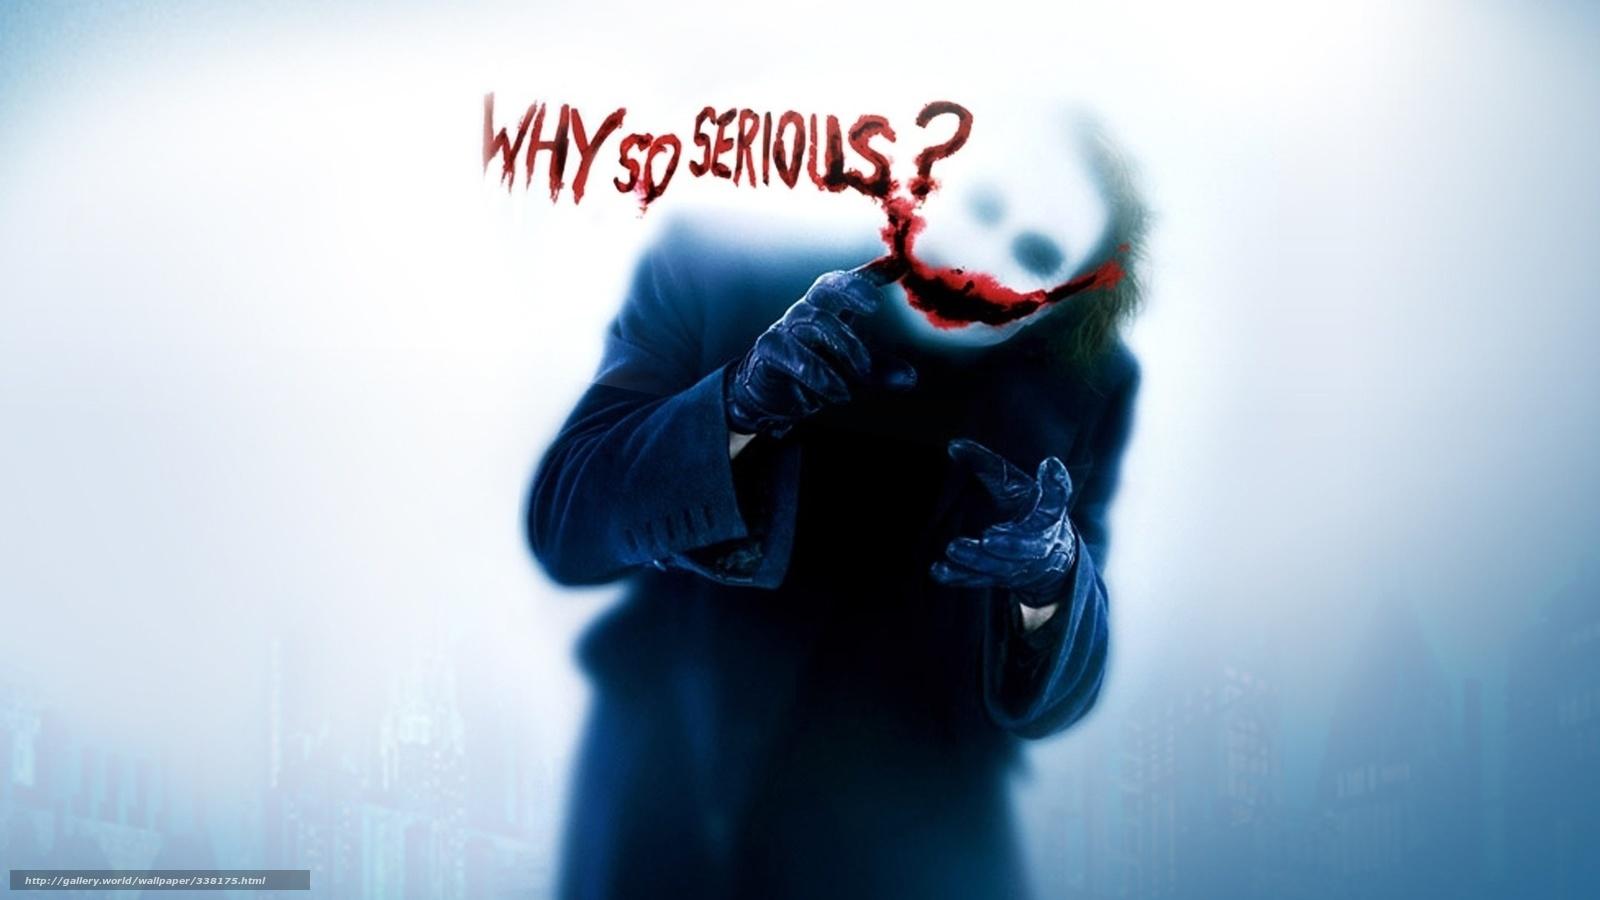 Joker Wallpaper Warum so ernst